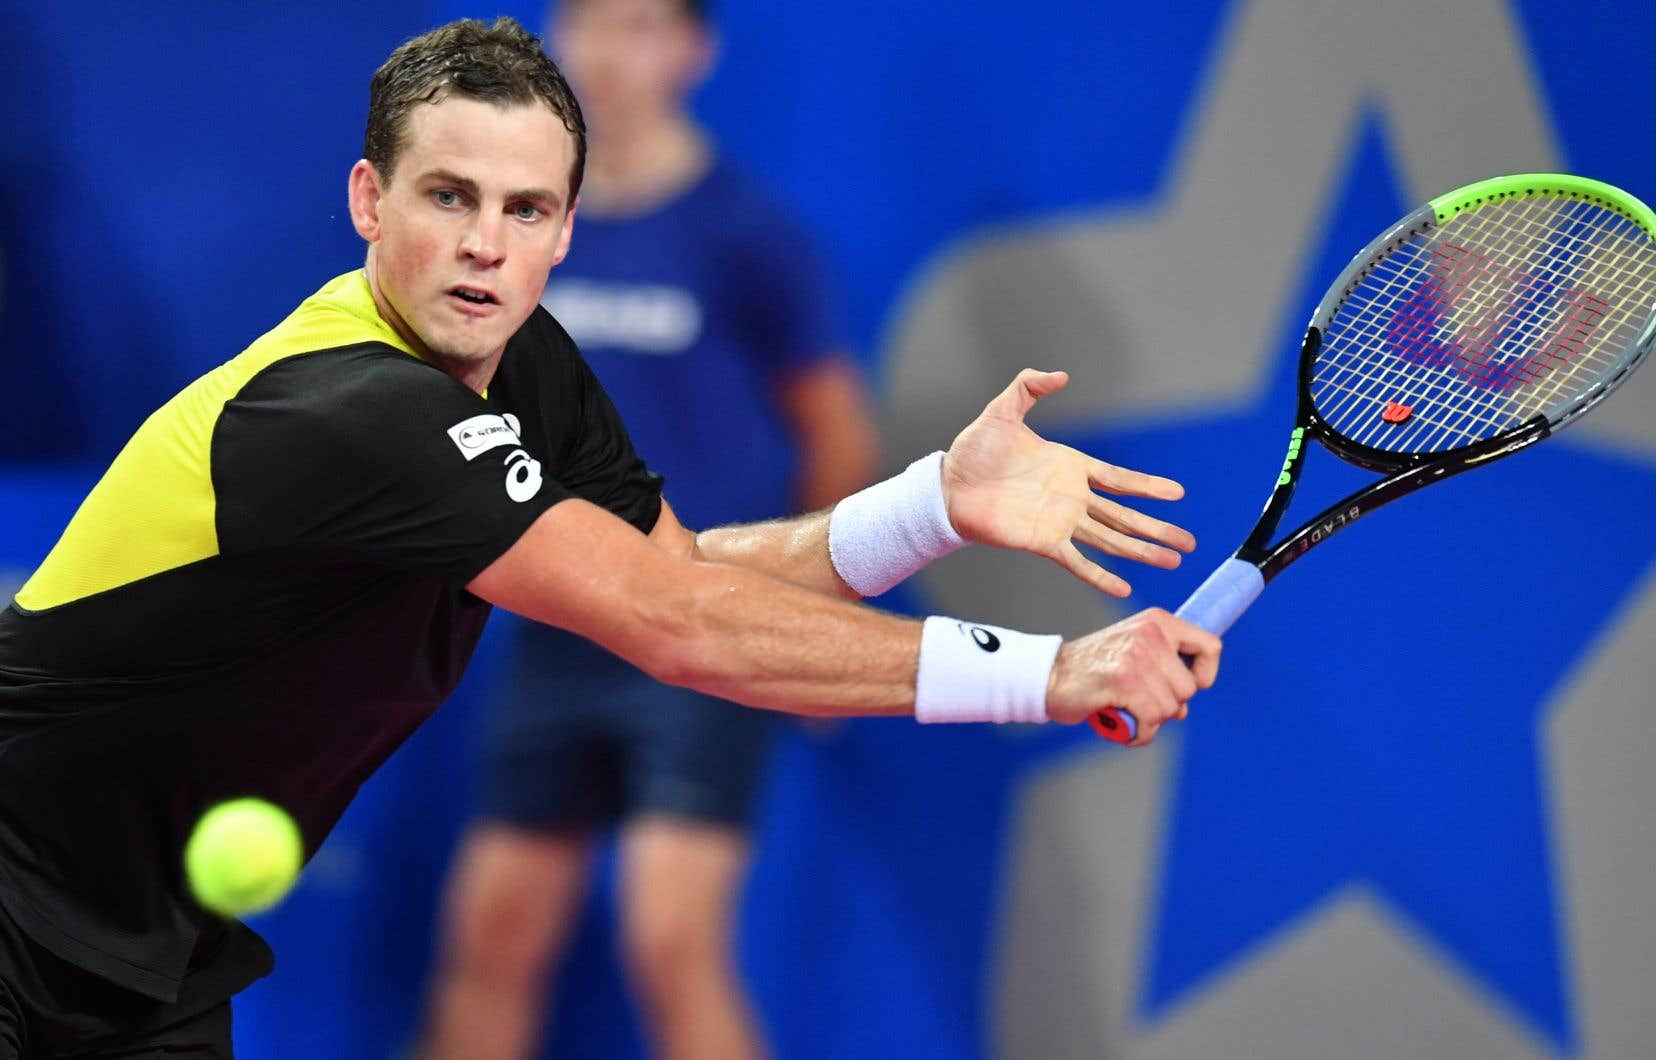 La semaine dernière, à l'Open Sud de France, Vasek Pospisils'est incliné contre Gaël Monfils.